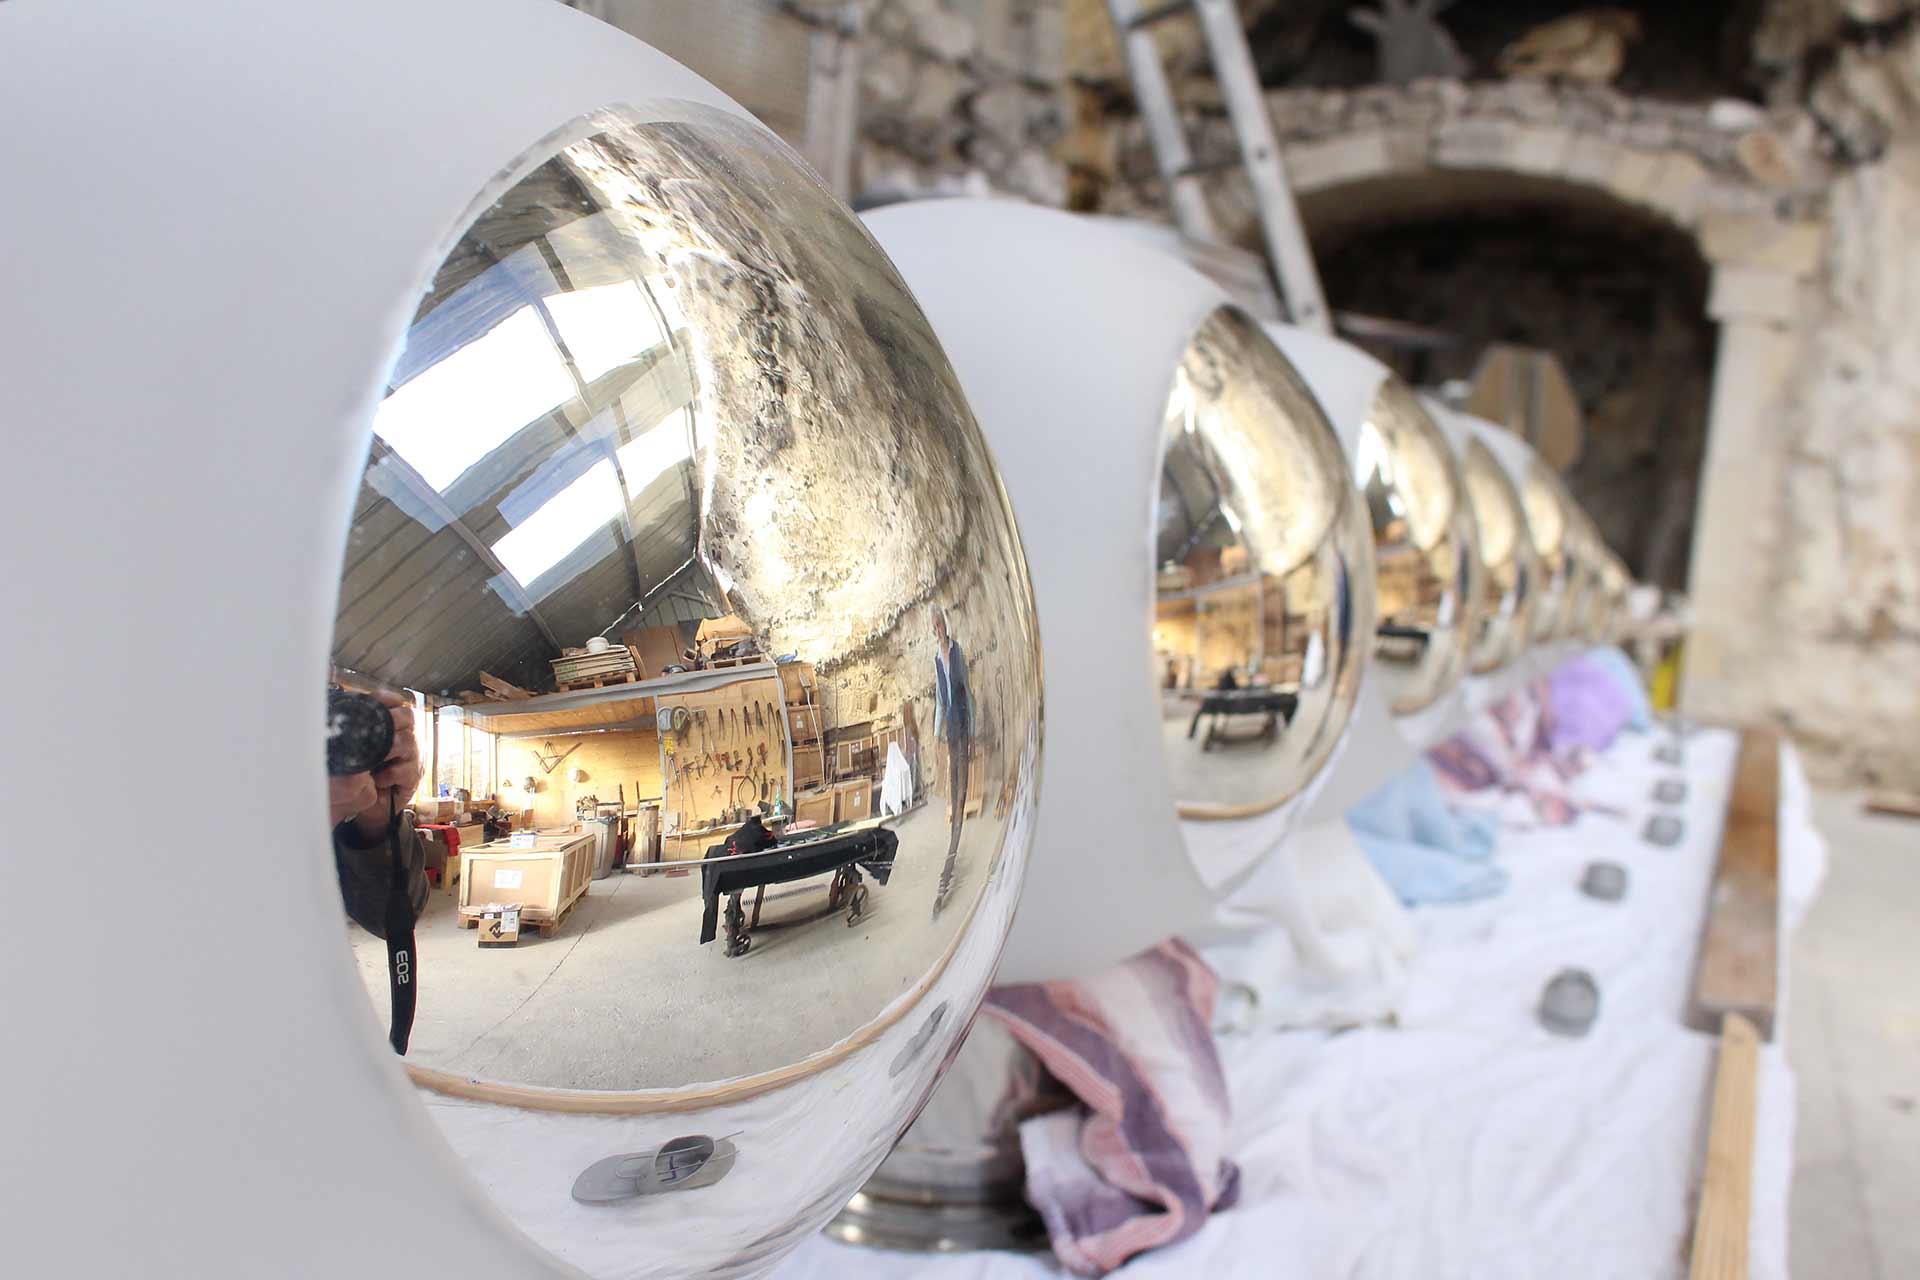 Lustres à partie en verre bombé blanc et opaque du Hall d'entrée de Jaeger-LeCoultre Paris. Réalisation Olivier Juteau Mître Verrier